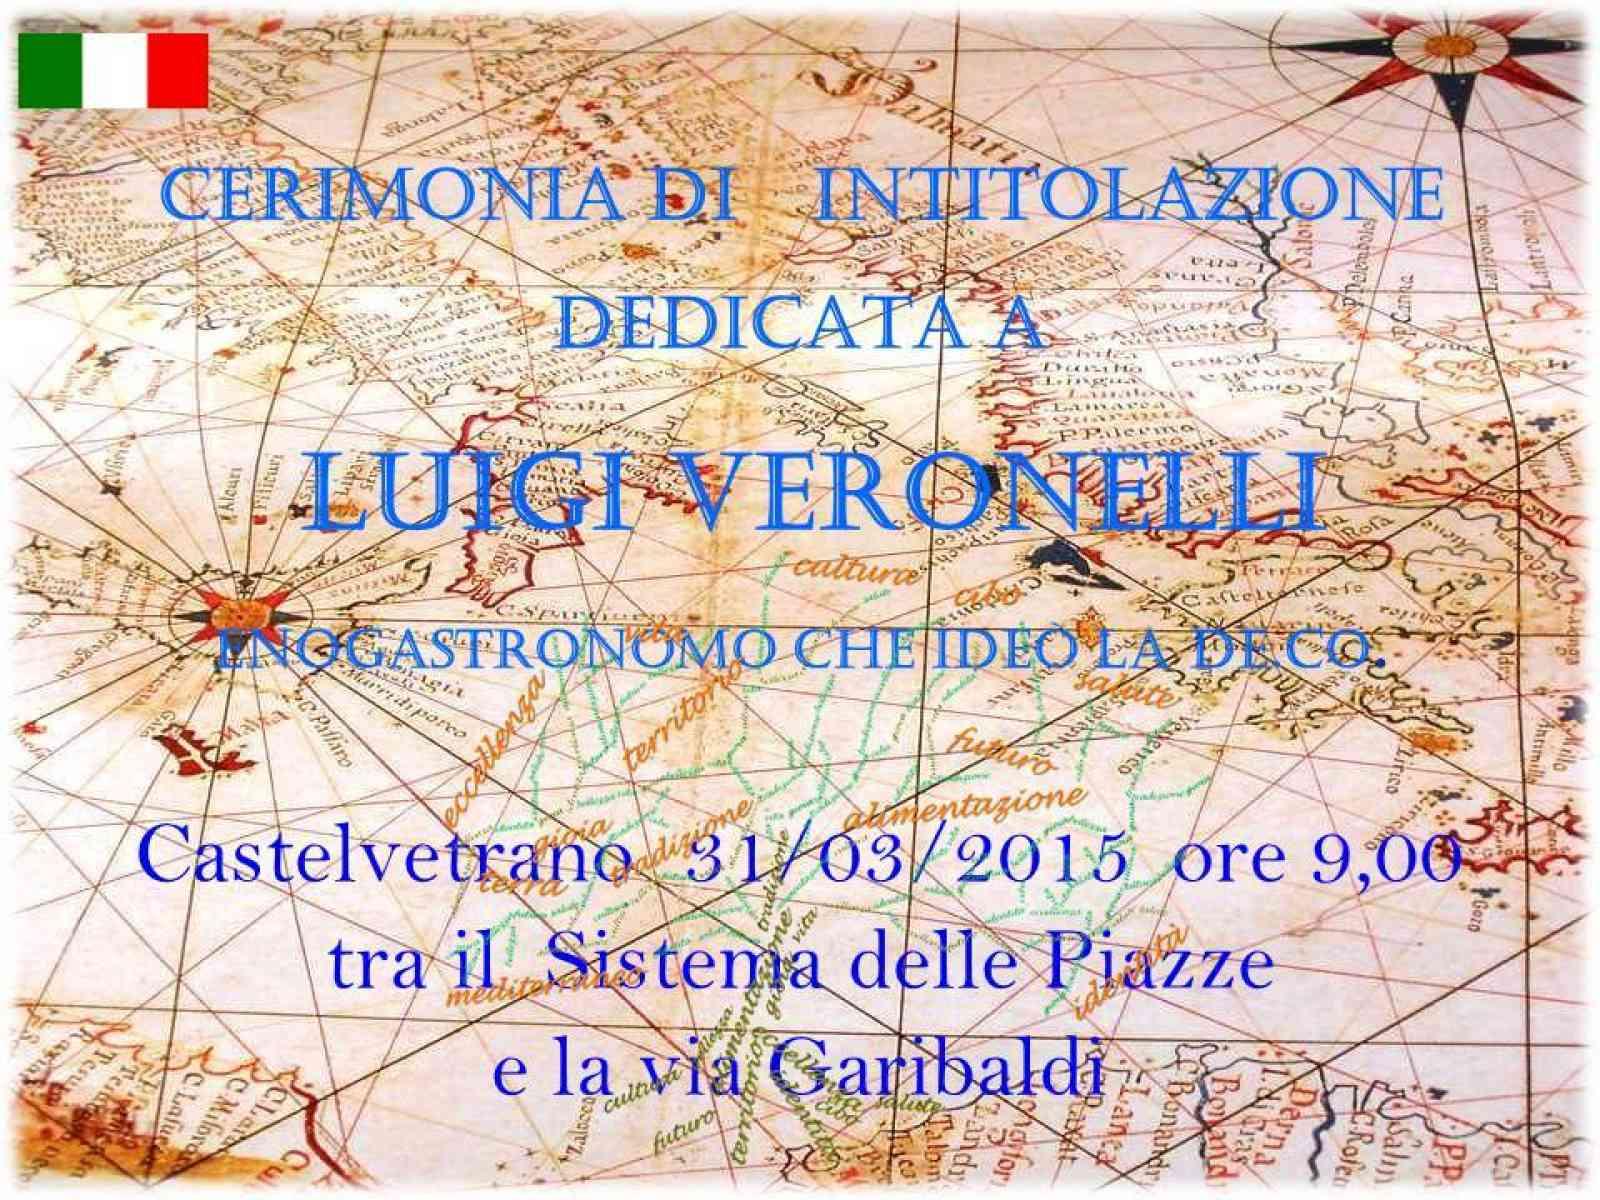 Castelvetrano, la prima città della Sicilia a dedicare uno spazio a Luigi Veronelli